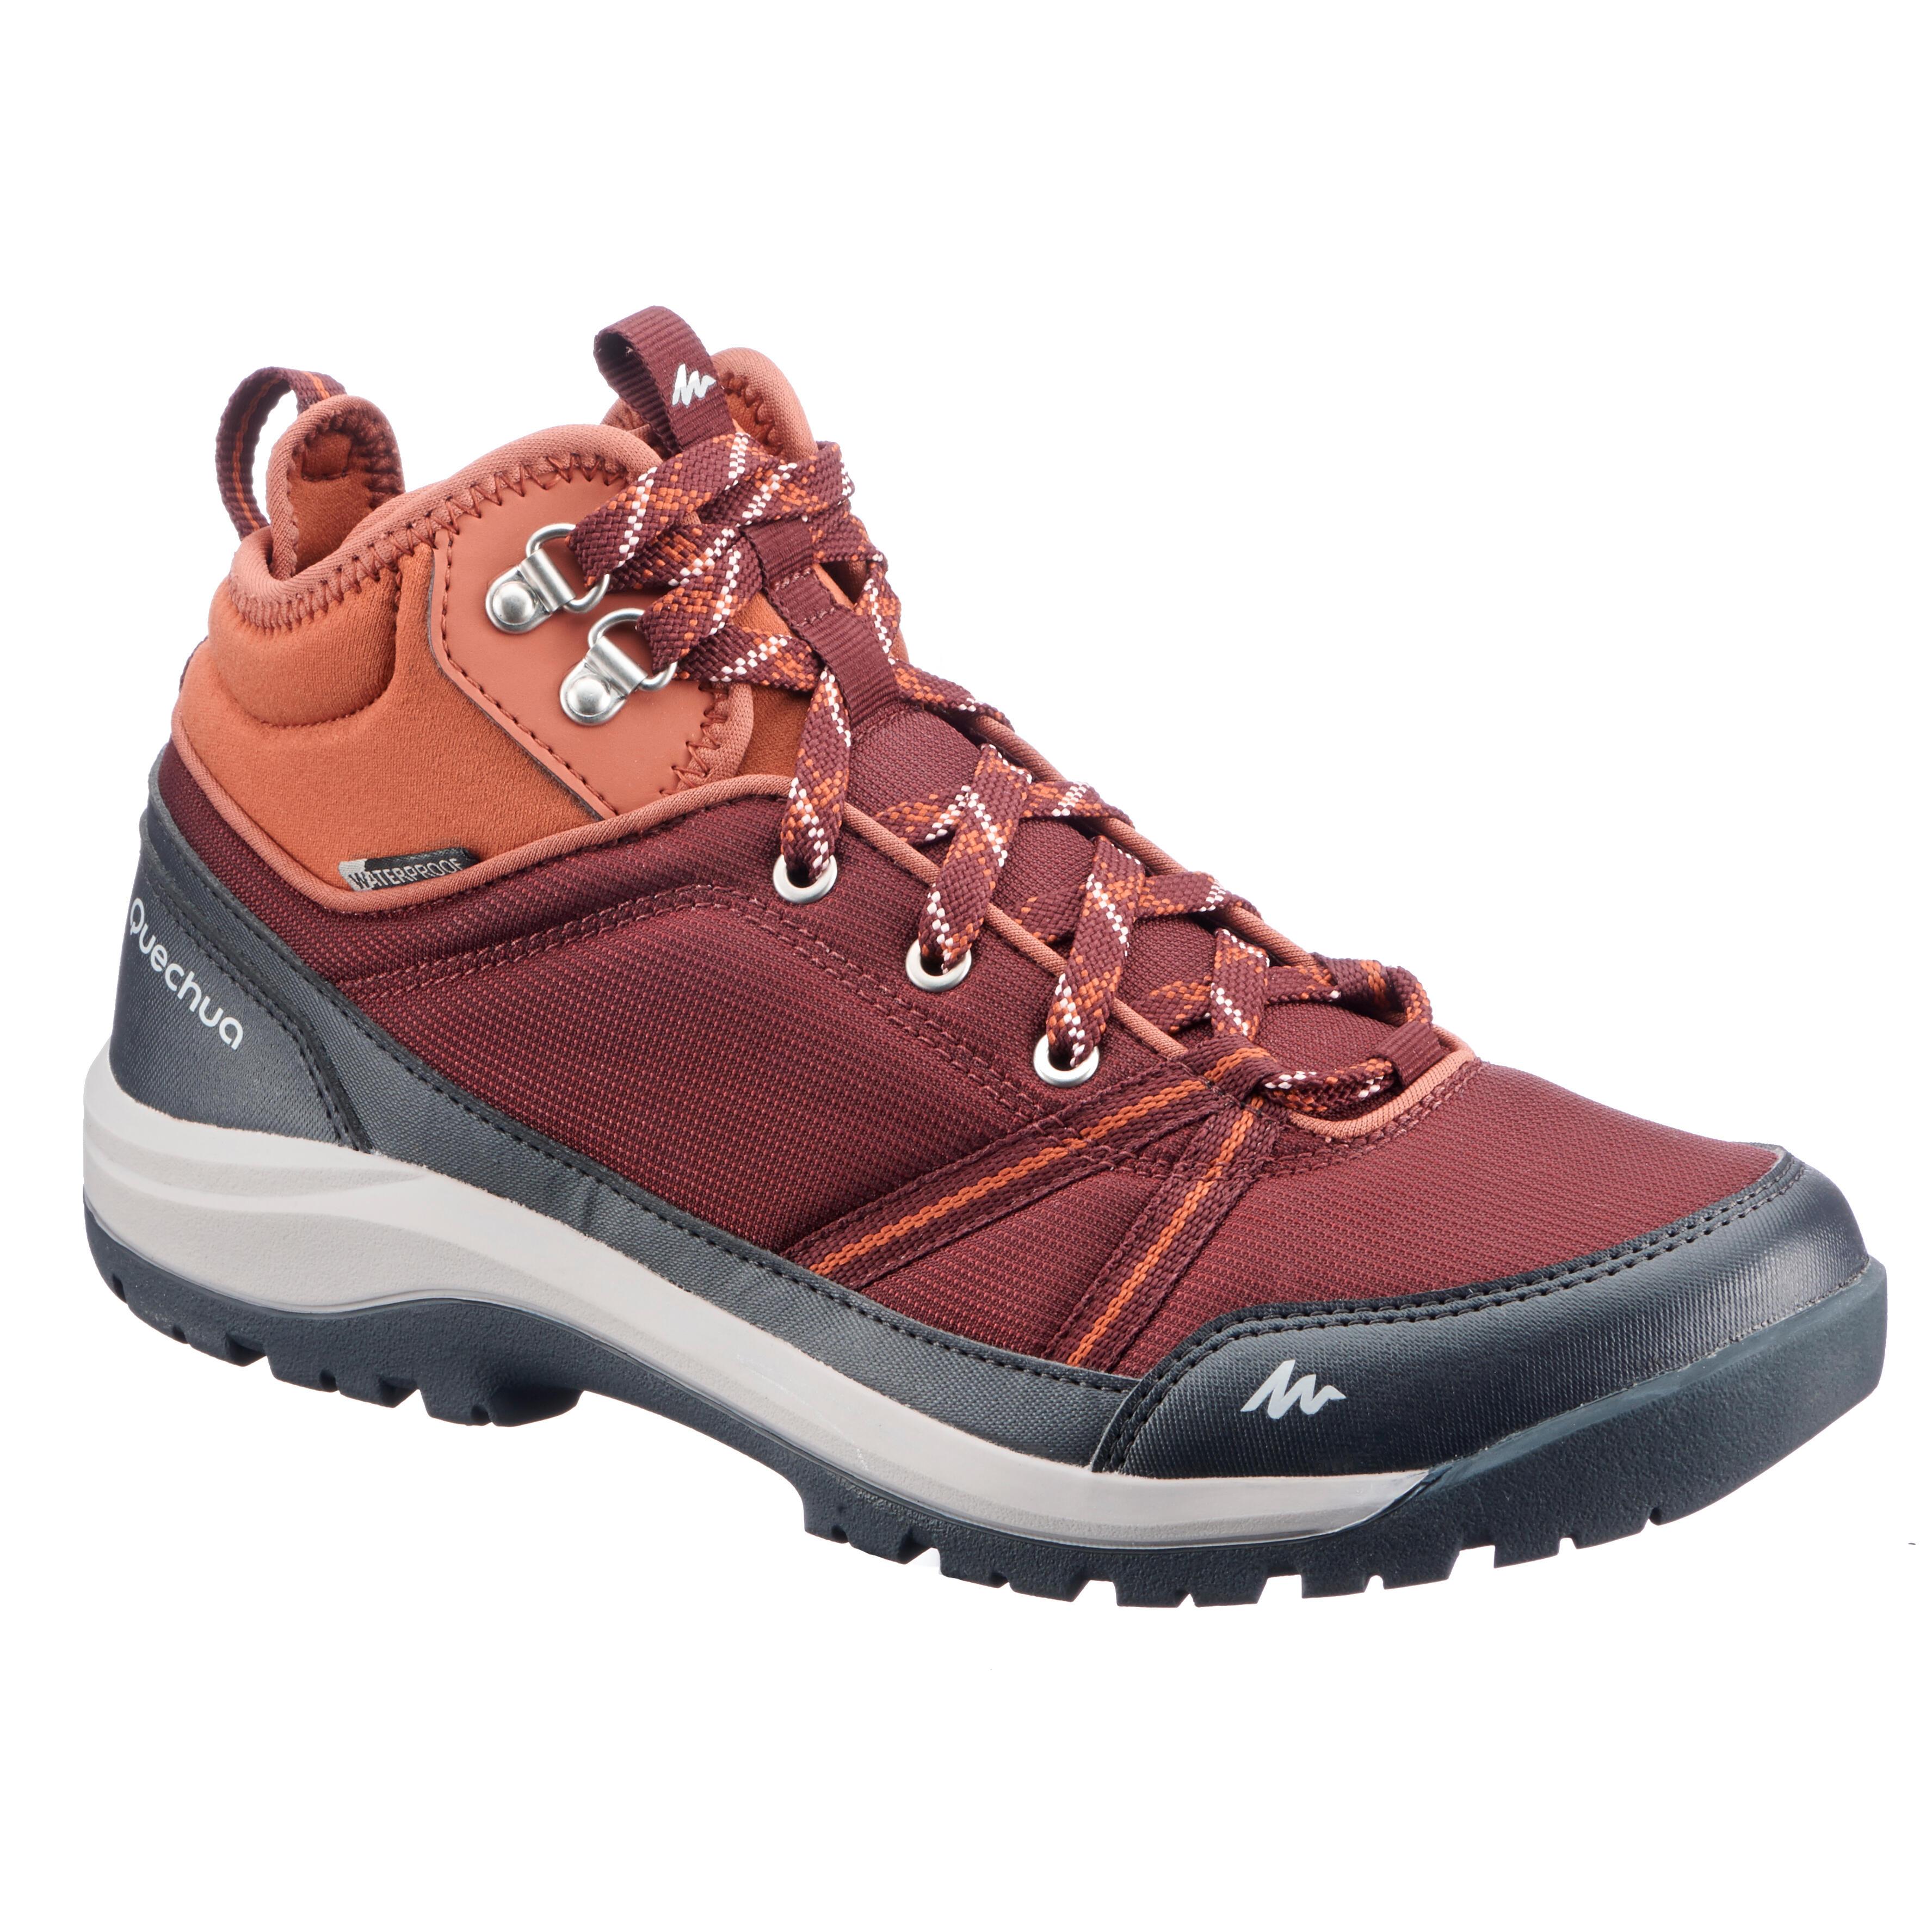 Quechua Schoenen voor wandelen in de natuur NH150 mid Protect bordeaux dames kopen